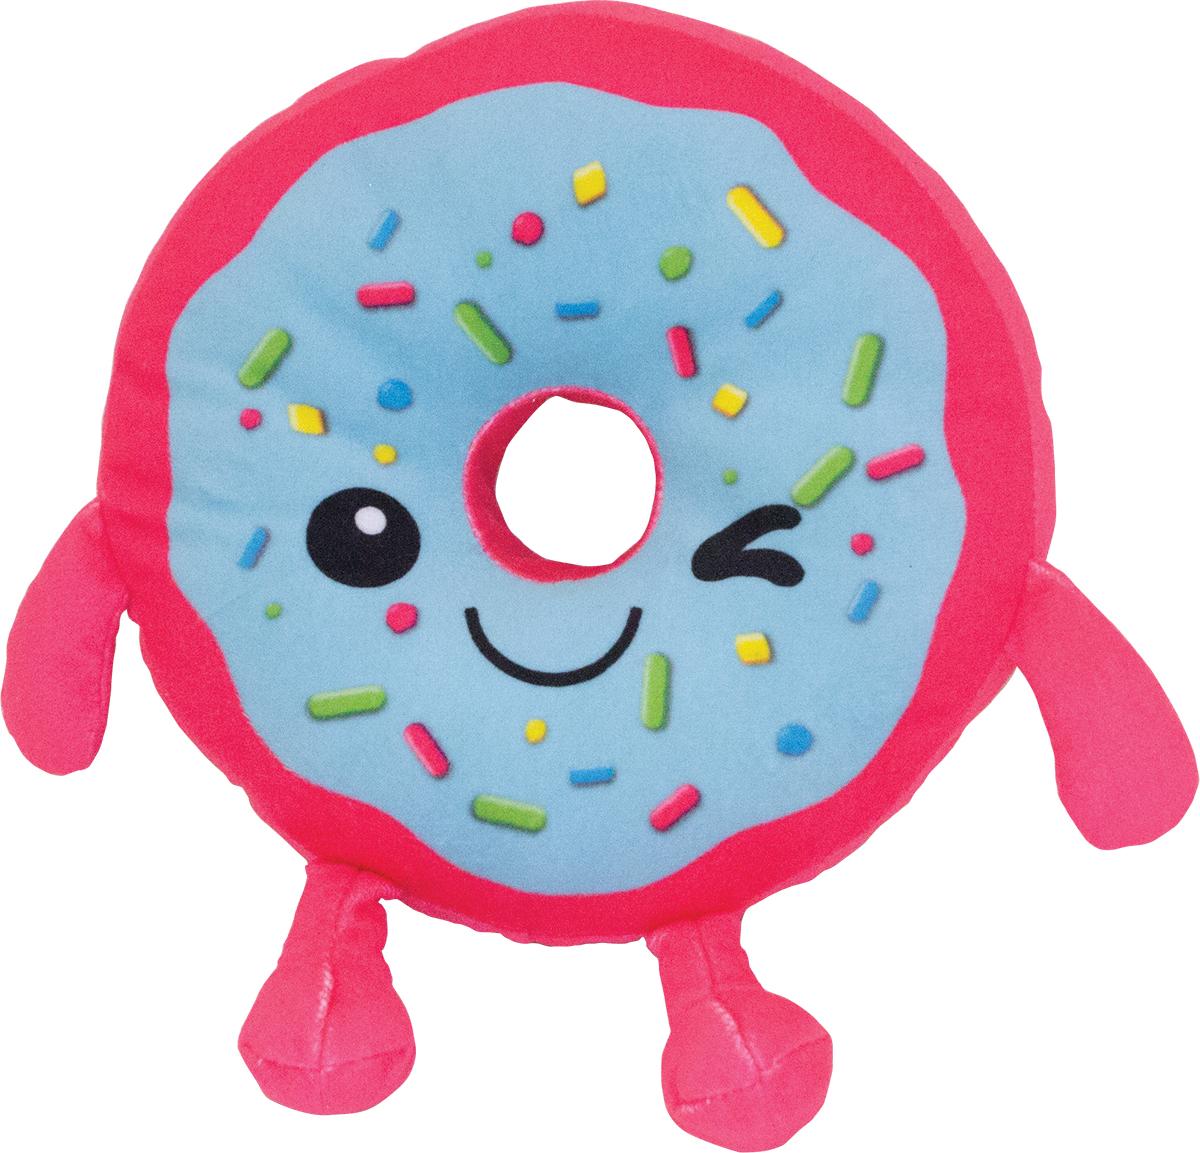 Button Blue Мягкая игрушка Пончик-фрики 20 см